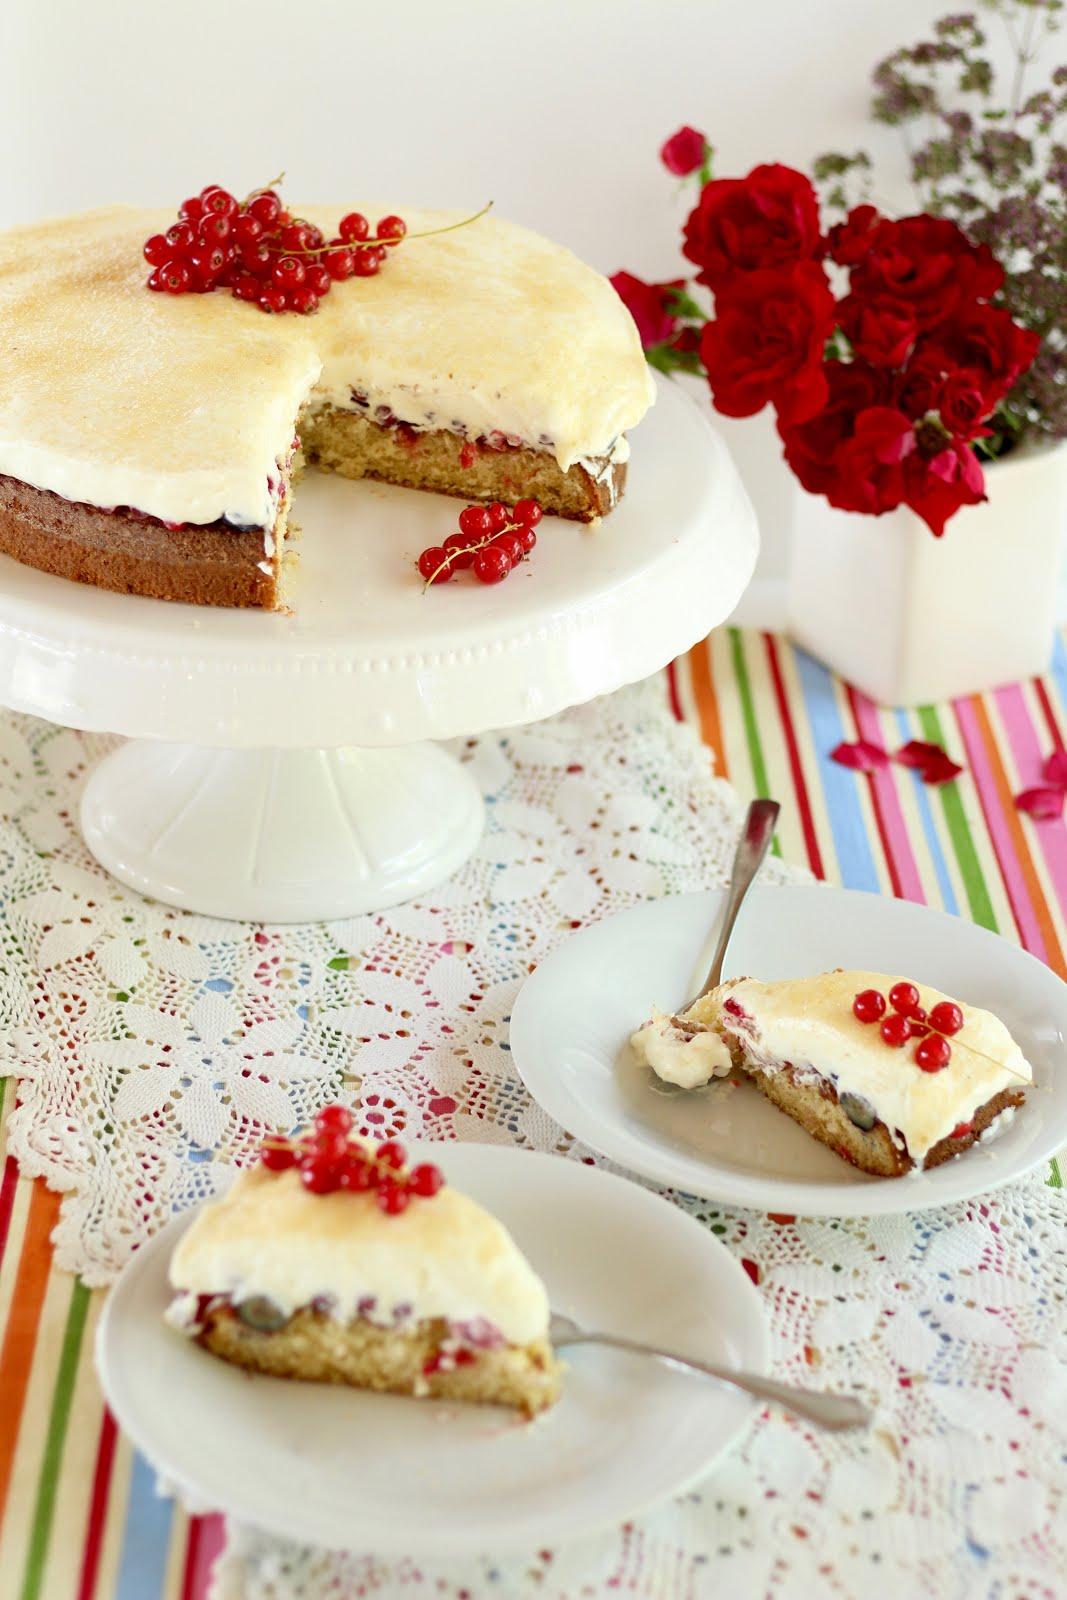 Fantastischer Fanta-Kuchen mit Beeren und Schmand | Rezept und Video von Sugarprincess